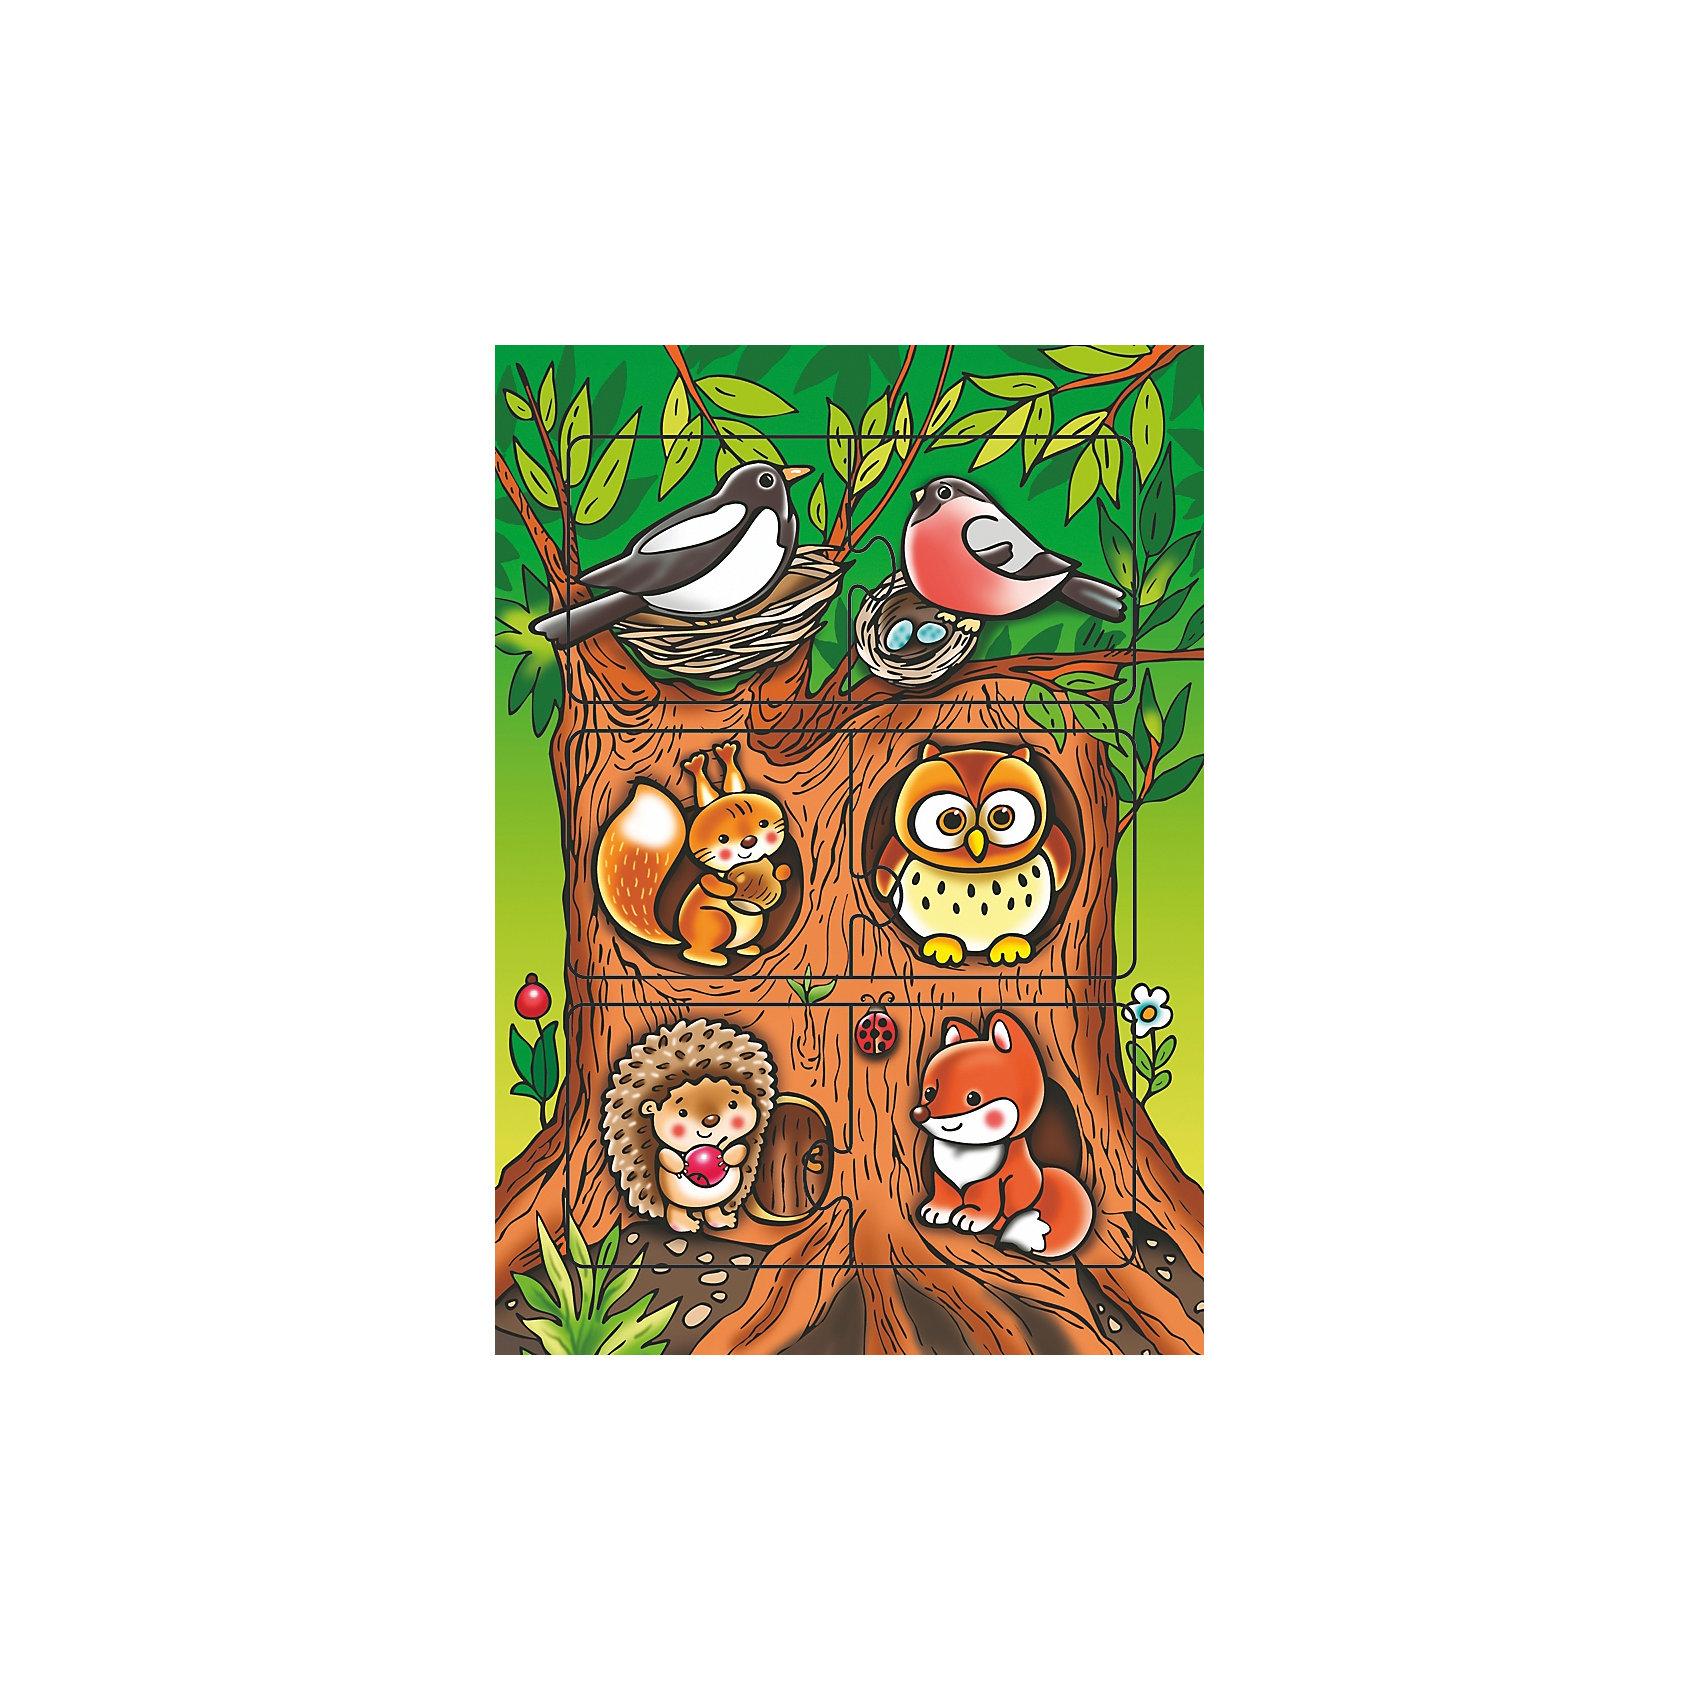 Развивающая игра Кто где живет, Дрофа-МедиаРазвивающие игры<br>Характеристики развивающей игры Кто, где живет:<br><br>- возраст: от 2 лет<br>- пол: для мальчиков и девочек<br>- комплект: рамка, 6 элементов.<br>- материал: картон.<br>- размер рамки: 28.5 * 20 * 0.3 см.<br>- бренд: Дрофа-Медиа<br>- страна обладатель бренда: Россия.<br><br>Развивающая рамка Кто, где живет? от производителя Дрофа-Медиа представляет собой развивающую игру, состоящую из рамочки с рисунком, в которую вкладываются пазлы. На пазлах изображены дикие животные, живущие на разных ярусах леса. Ребенку предстоит самостоятельно определить, кто, где живет, и правильно вставить пазлы на свои места. Рамочка изготовлена из плотного многослойного картона, с наклеенным поверх красочным рисунком.<br><br>Развивающую игру  Кто, где живет издательства Дрофа-Медиа можно купить в нашем интернет-магазине.<br><br>Ширина мм: 200<br>Глубина мм: 3<br>Высота мм: 285<br>Вес г: 120<br>Возраст от месяцев: 36<br>Возраст до месяцев: 2147483647<br>Пол: Унисекс<br>Возраст: Детский<br>SKU: 5386302